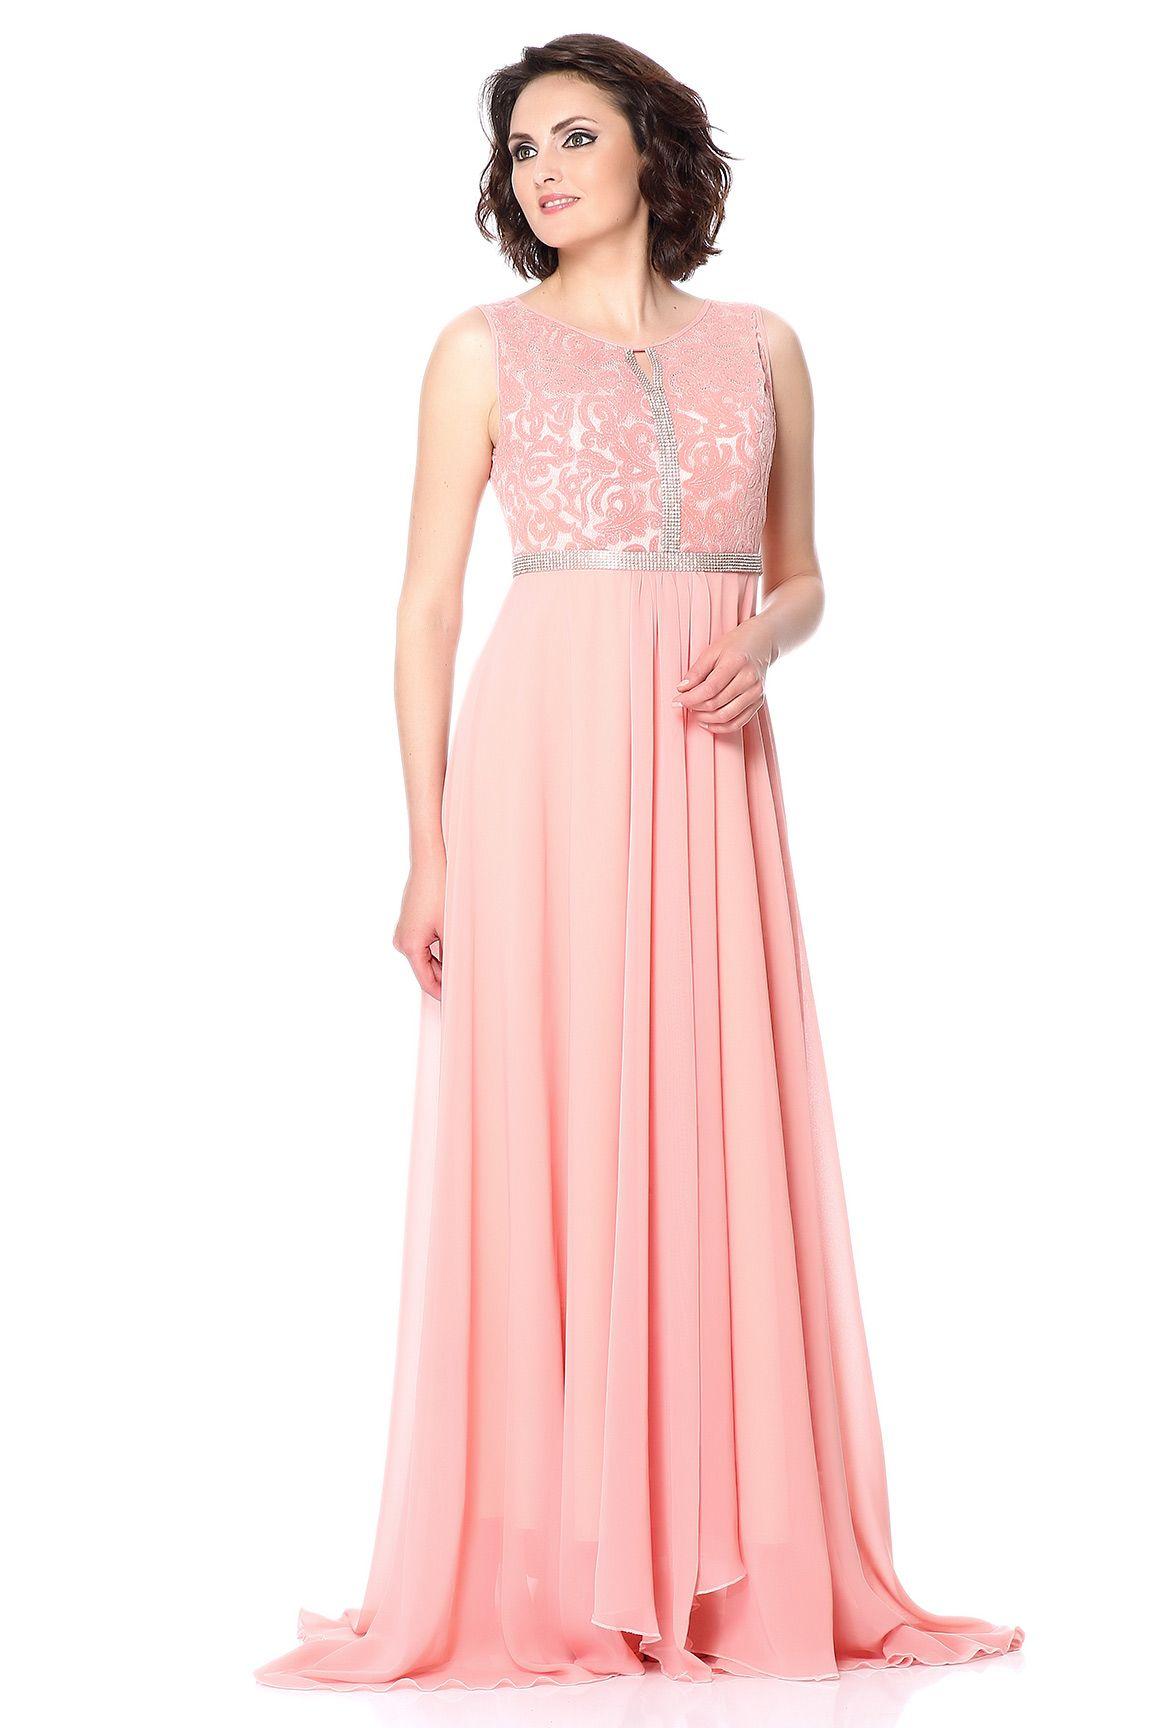 b34db4e923405 Somon Abiye - Somon rengi uzun abiye elbise - #abiye #elbise #modelleri